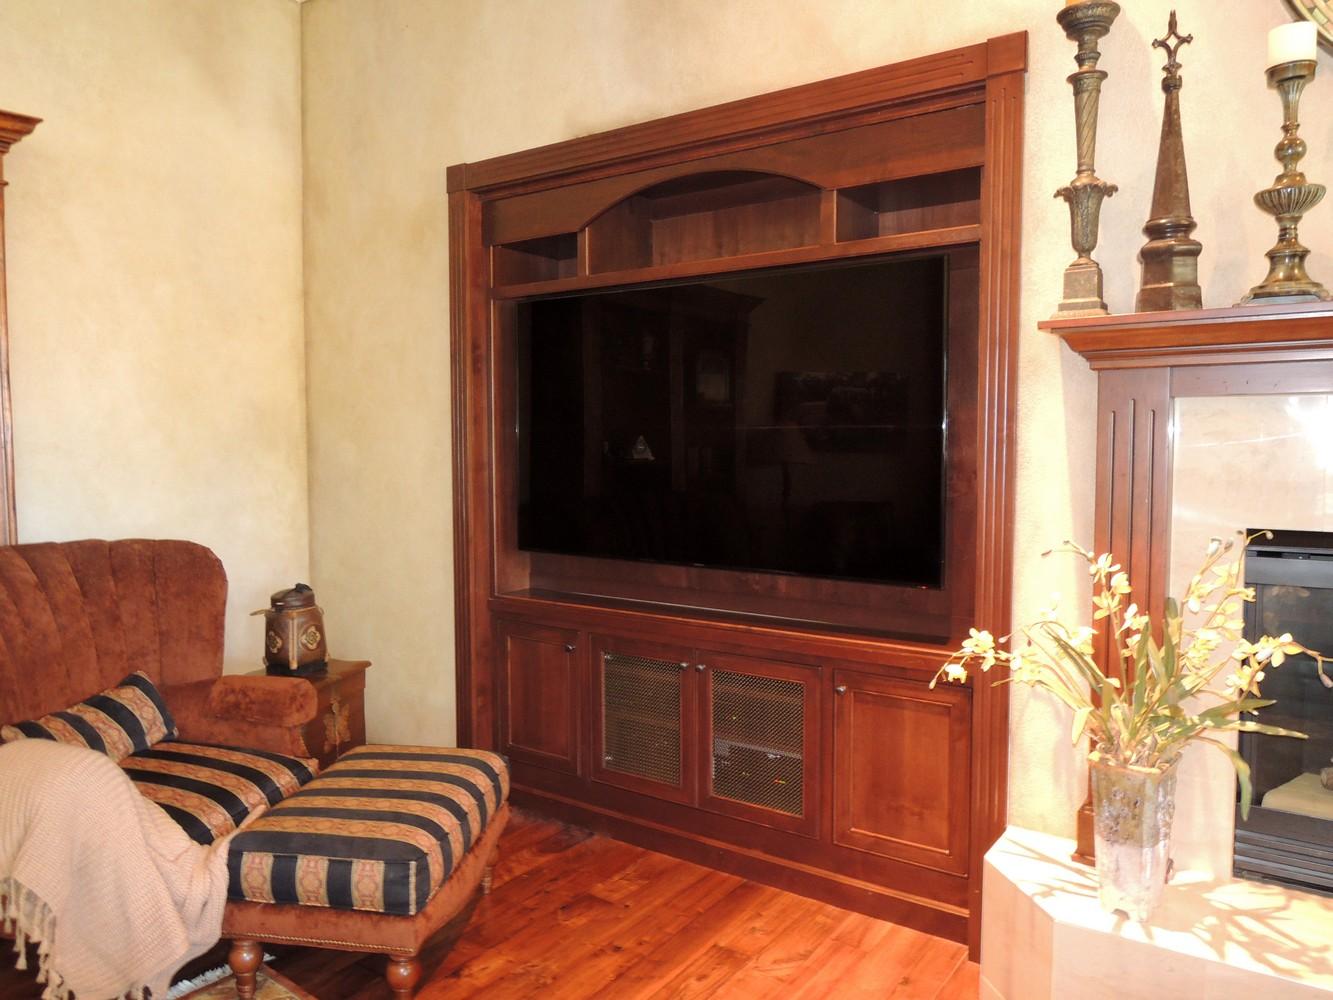 inset alder wood wide screen tv cabinet oil rubbed bronze wire mesh door panels